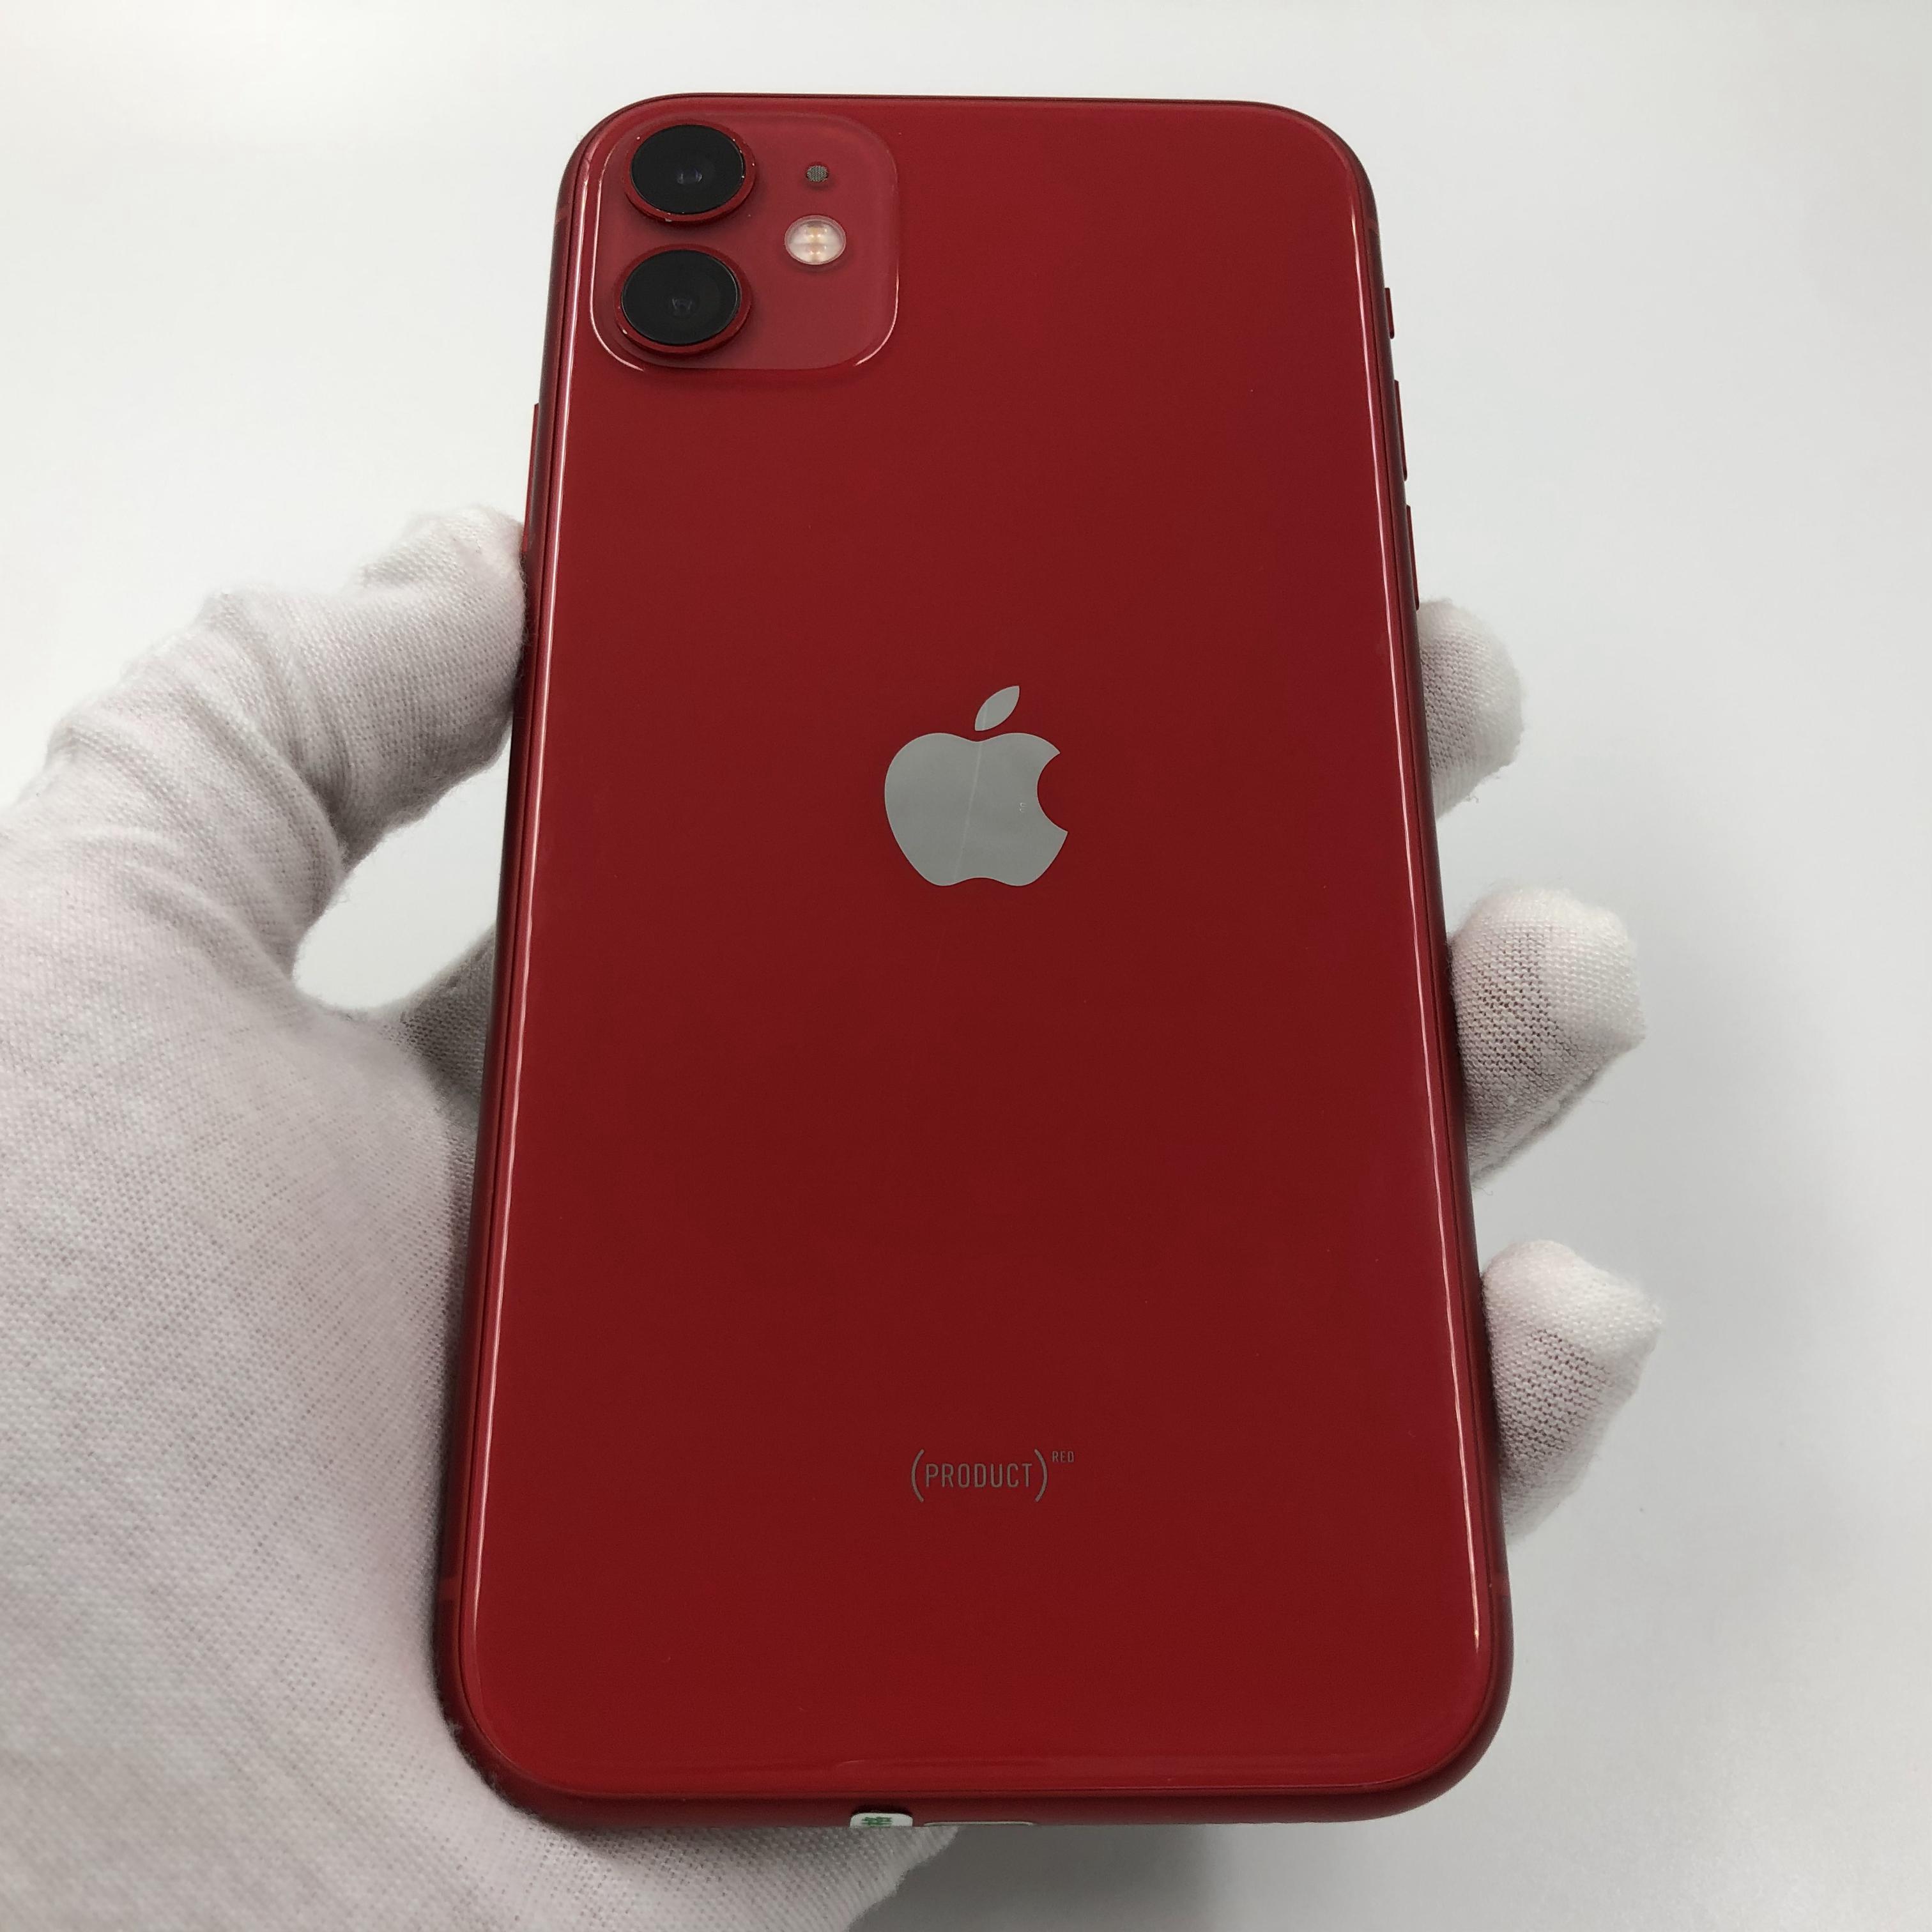 苹果【iPhone 11】4G全网通 红色 64G 国行 8成新 真机实拍